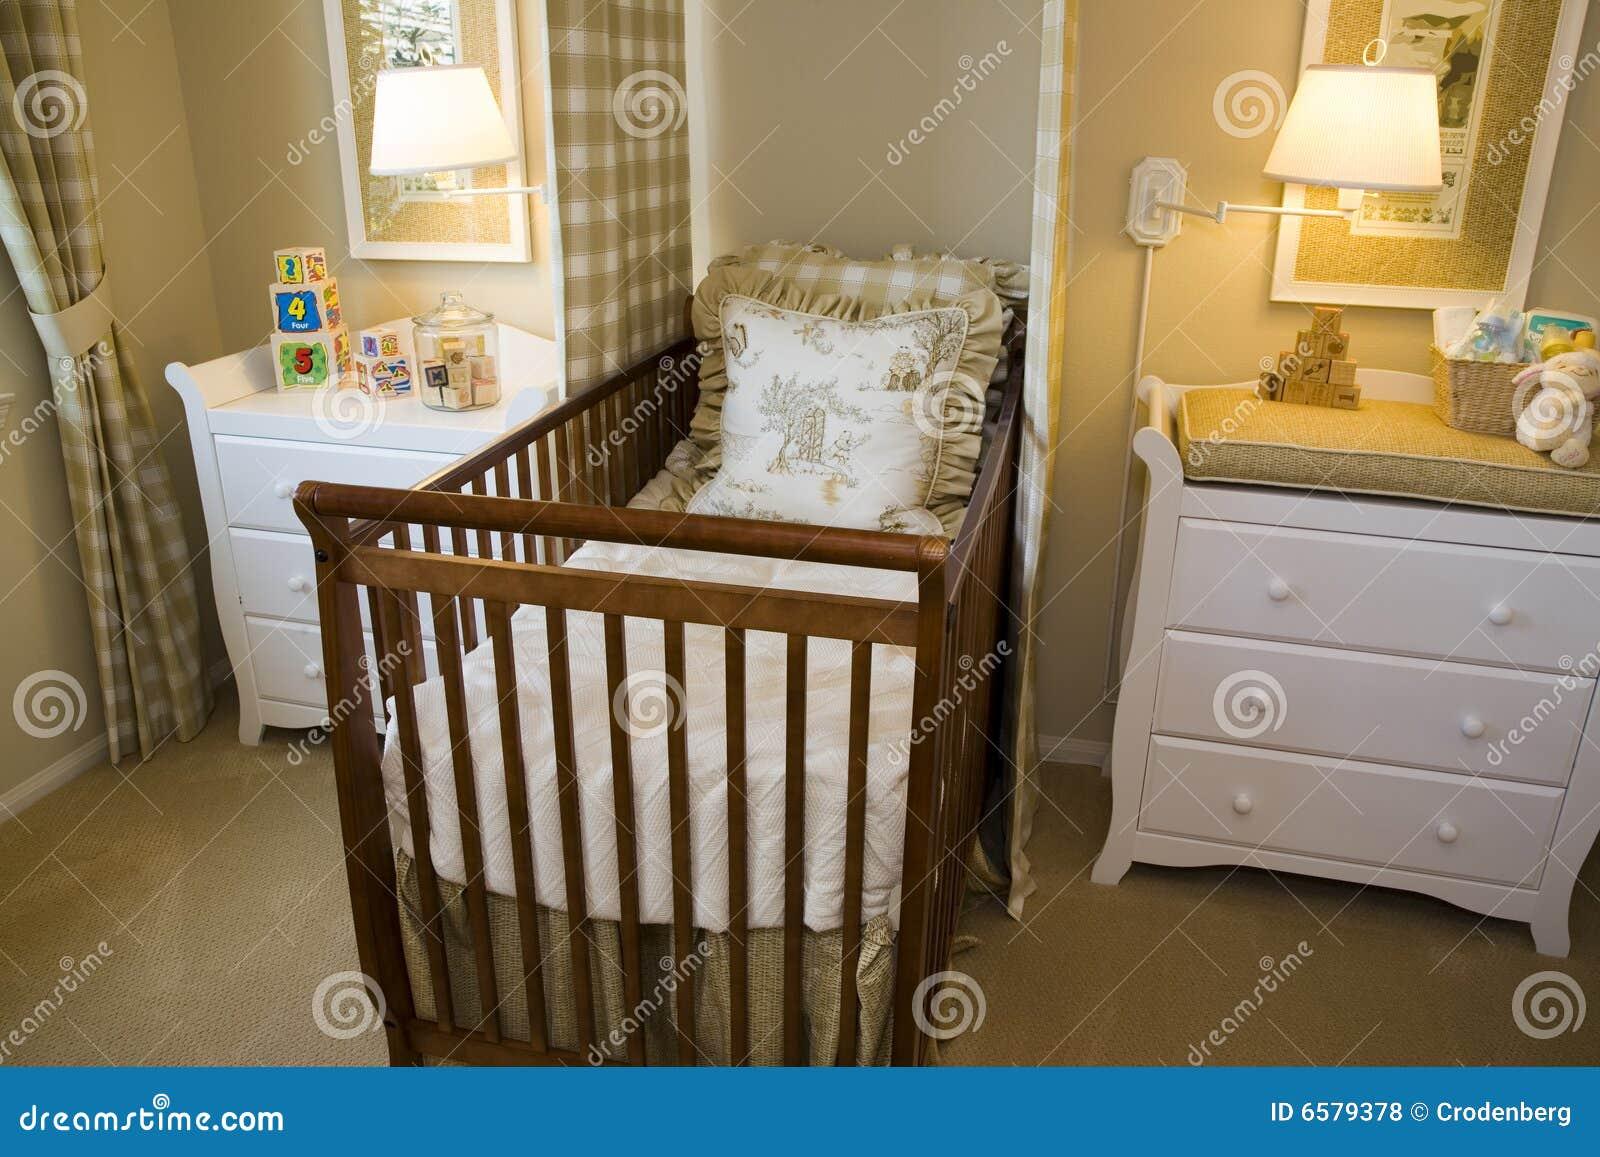 Slaapkamer Voor Baby.De Slaapkamer Van De Baby Stock Foto Afbeelding Bestaande Uit